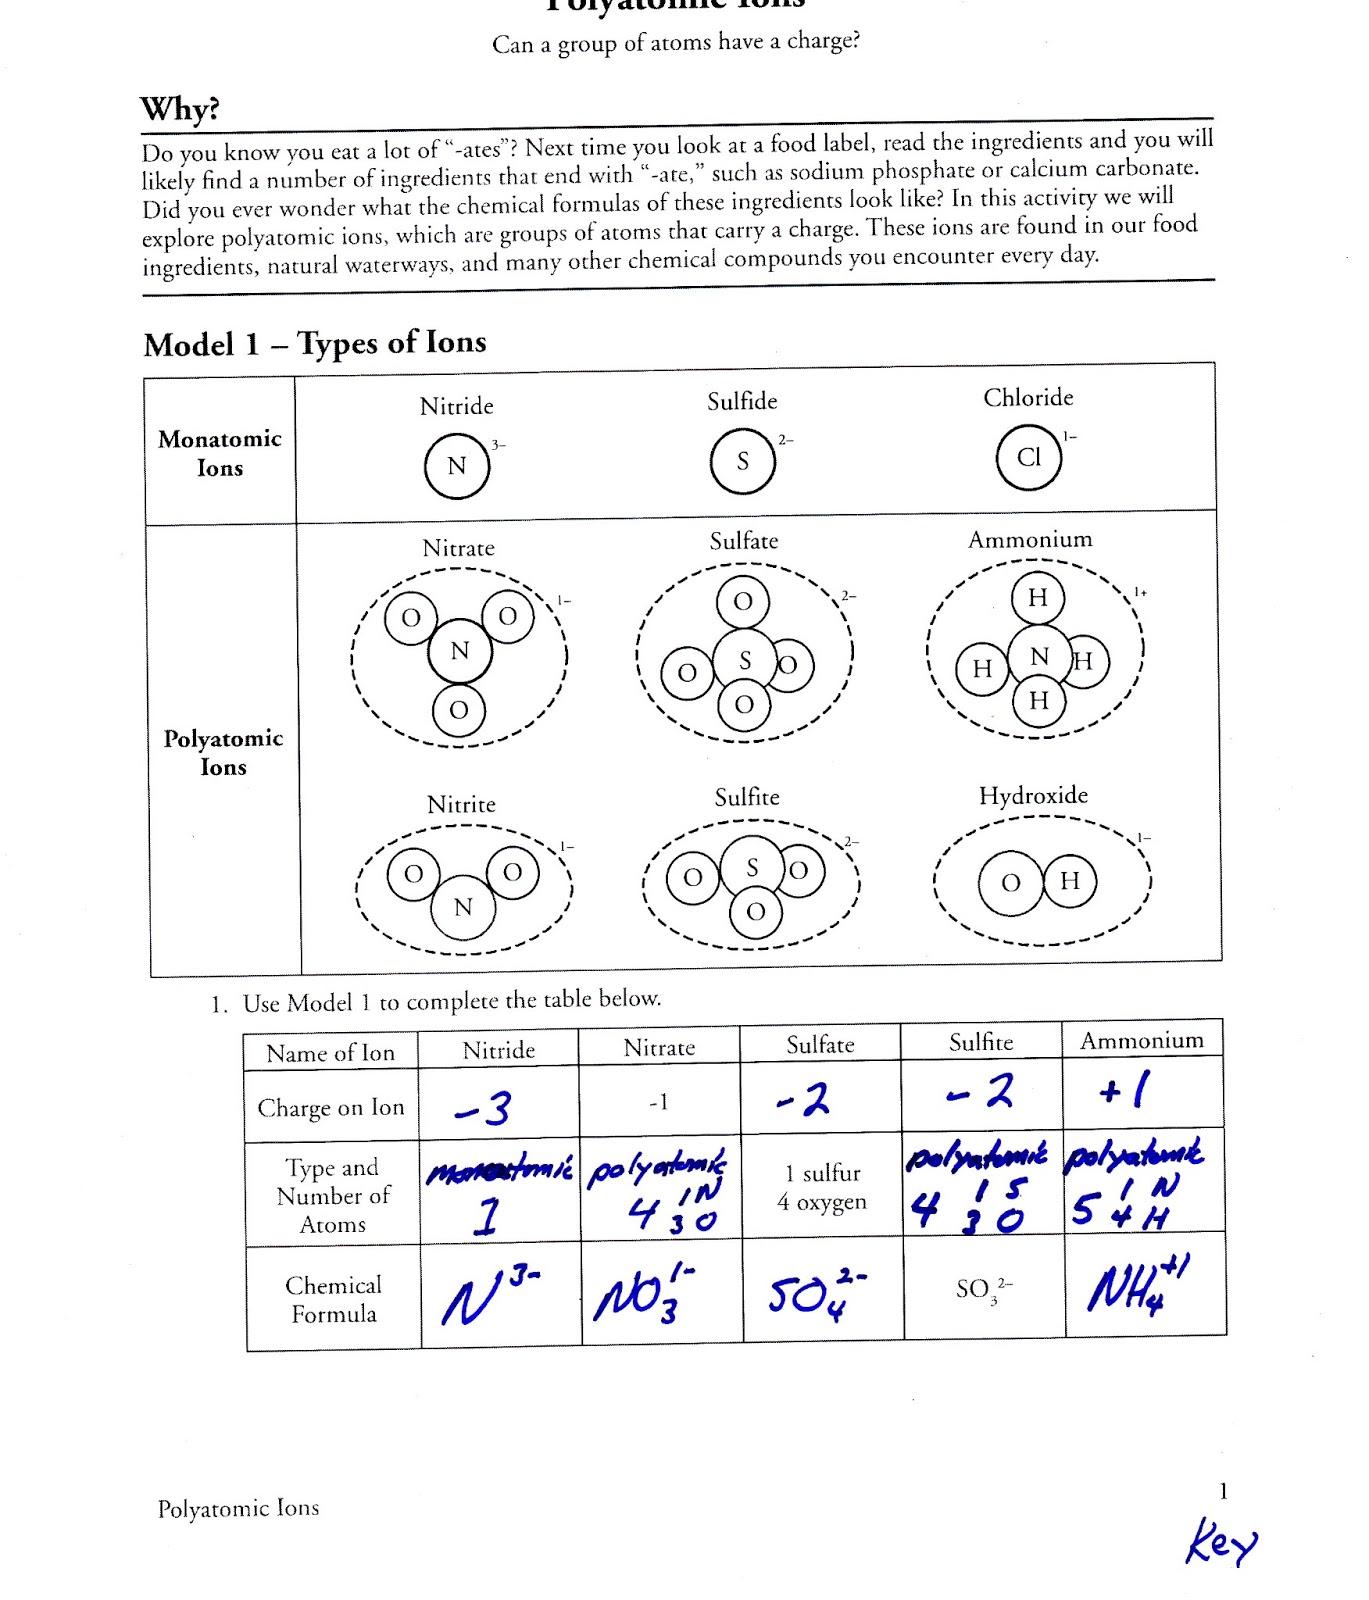 Worksheets Formulas With Polyatomic Ions Worksheet formulas with polyatomic ions worksheet samsungblueearth ion elleapp